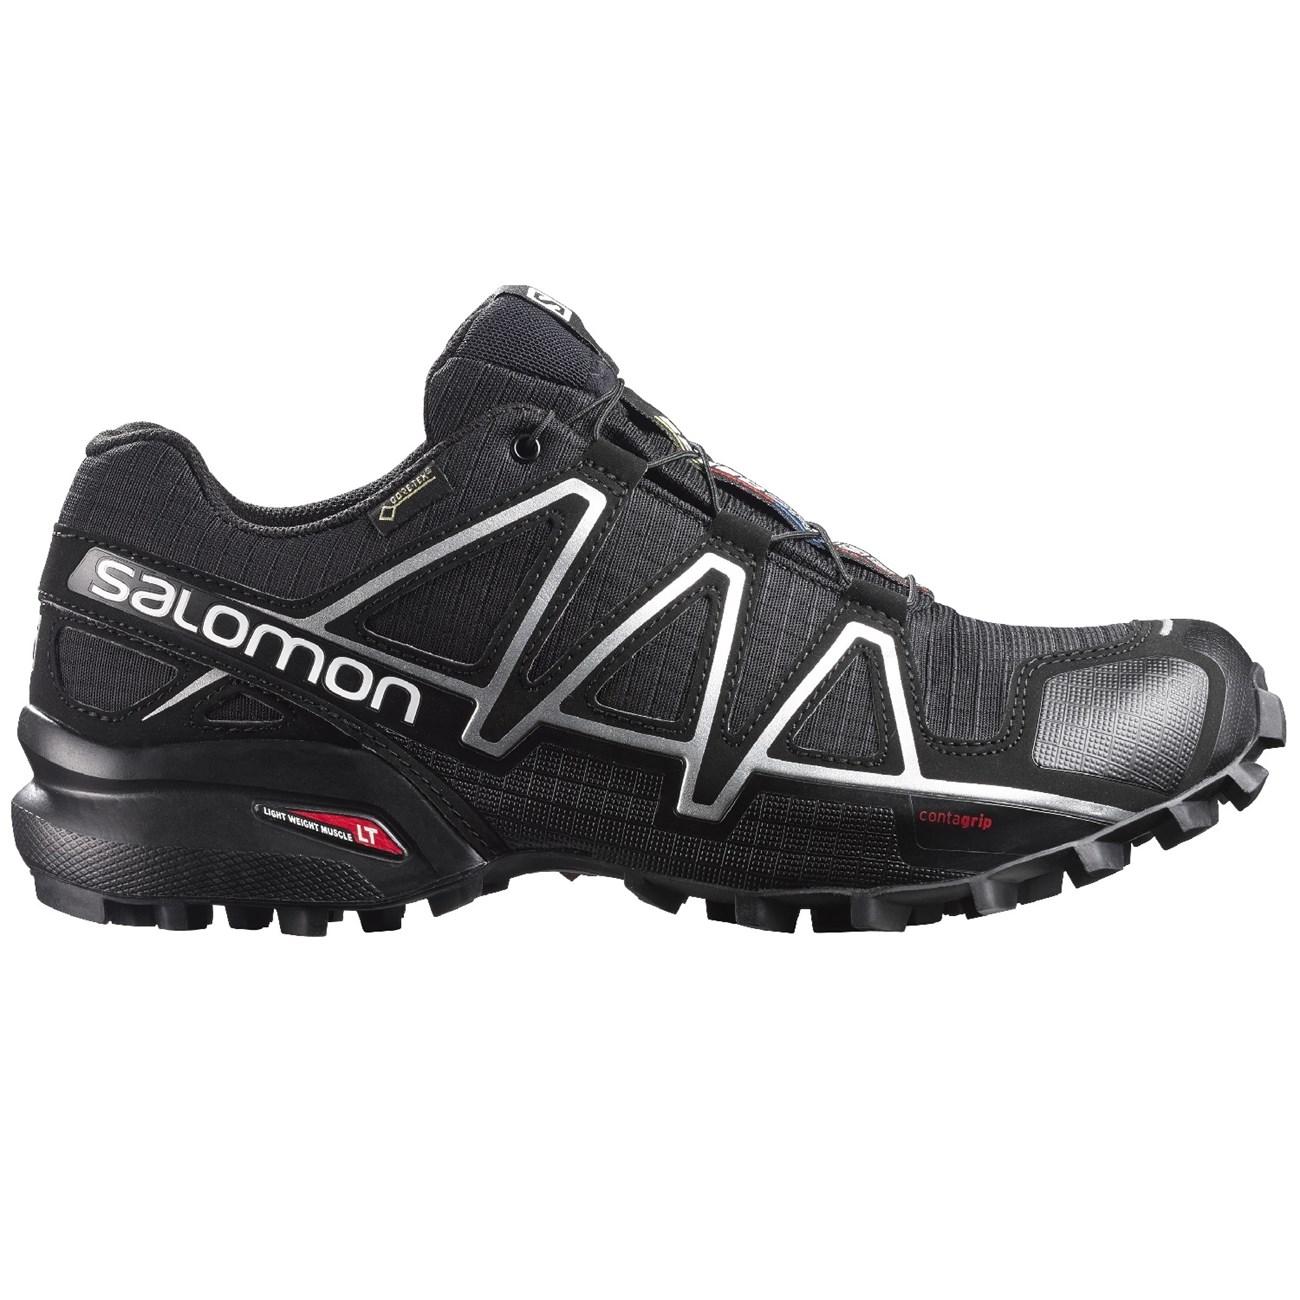 7d98d815bf4 SALOMON SPEEDCROSS 4 GTX < Παπούτσια Ορειβασίας | INTERSPORT